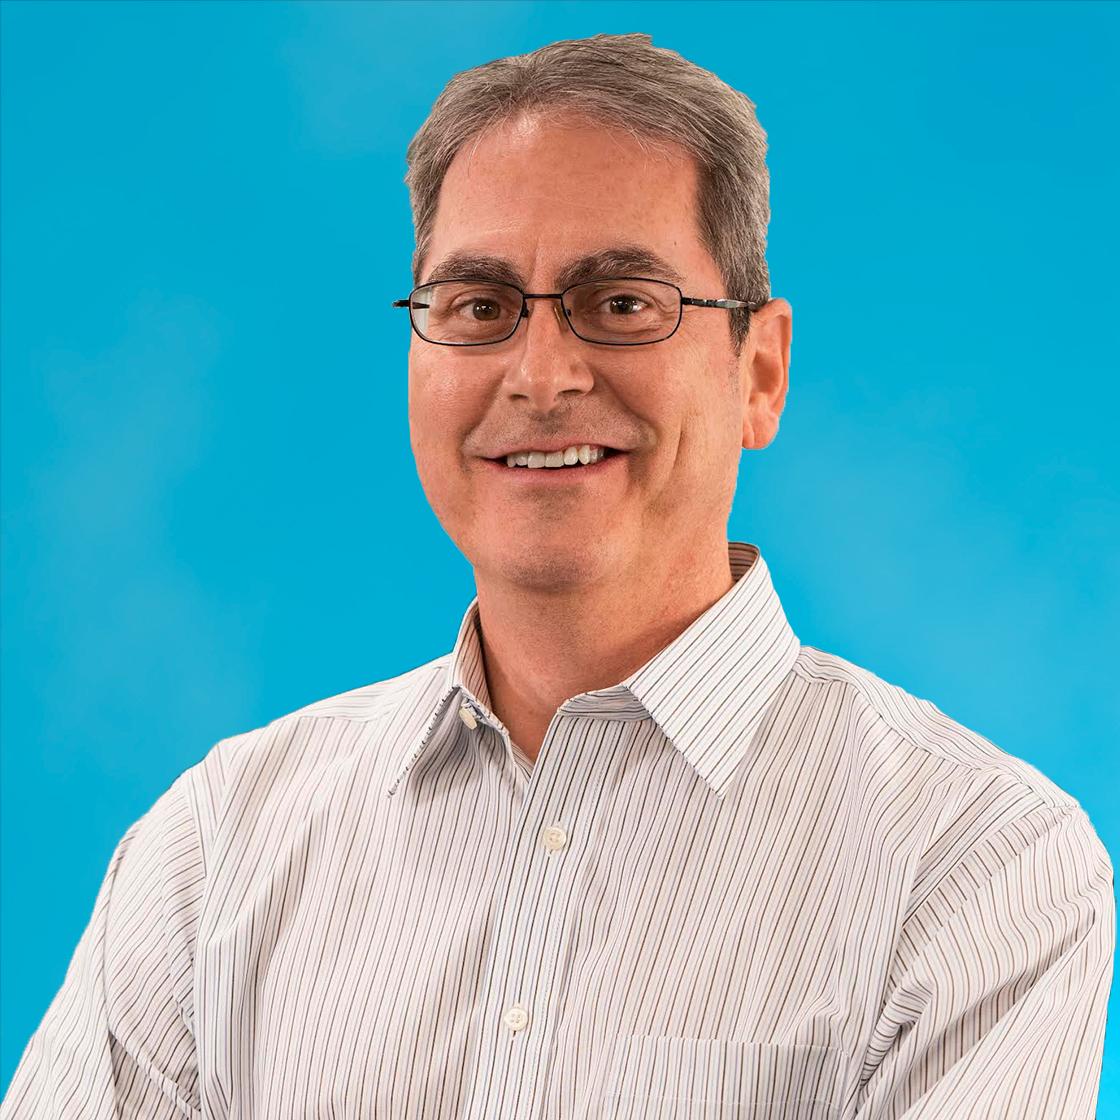 Chris Schiano